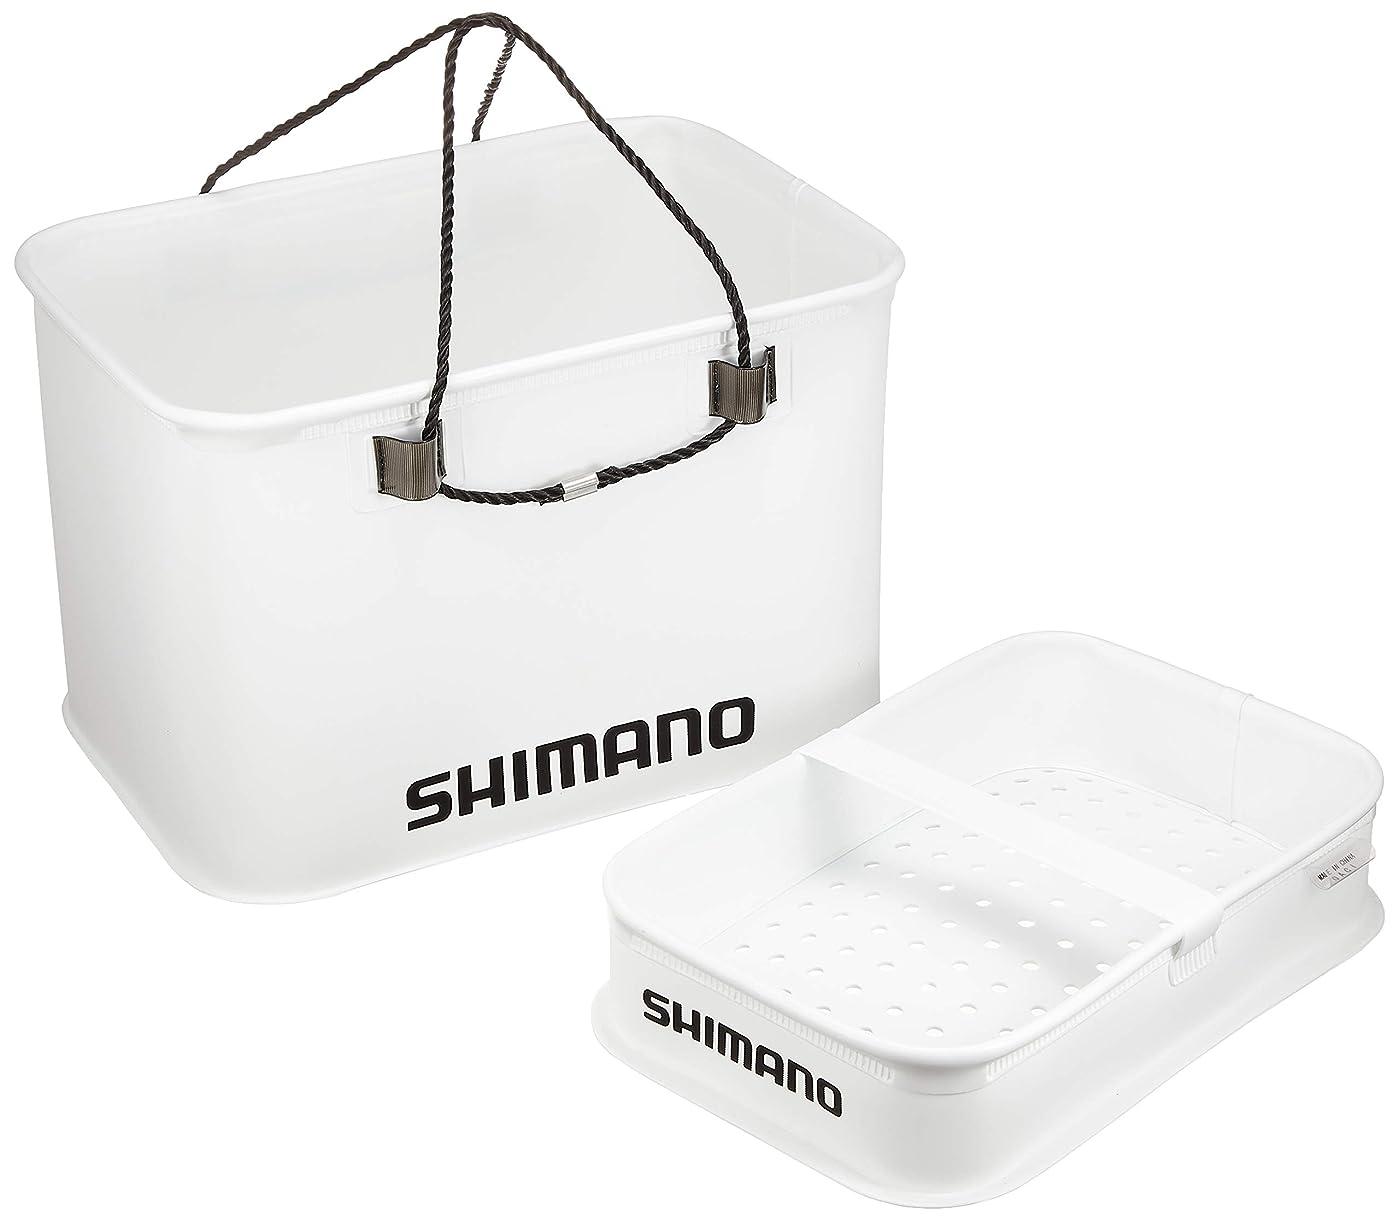 節約ぼろ債務シマノ クーラー用バッカン スノコ付 ホワイト BK-005M